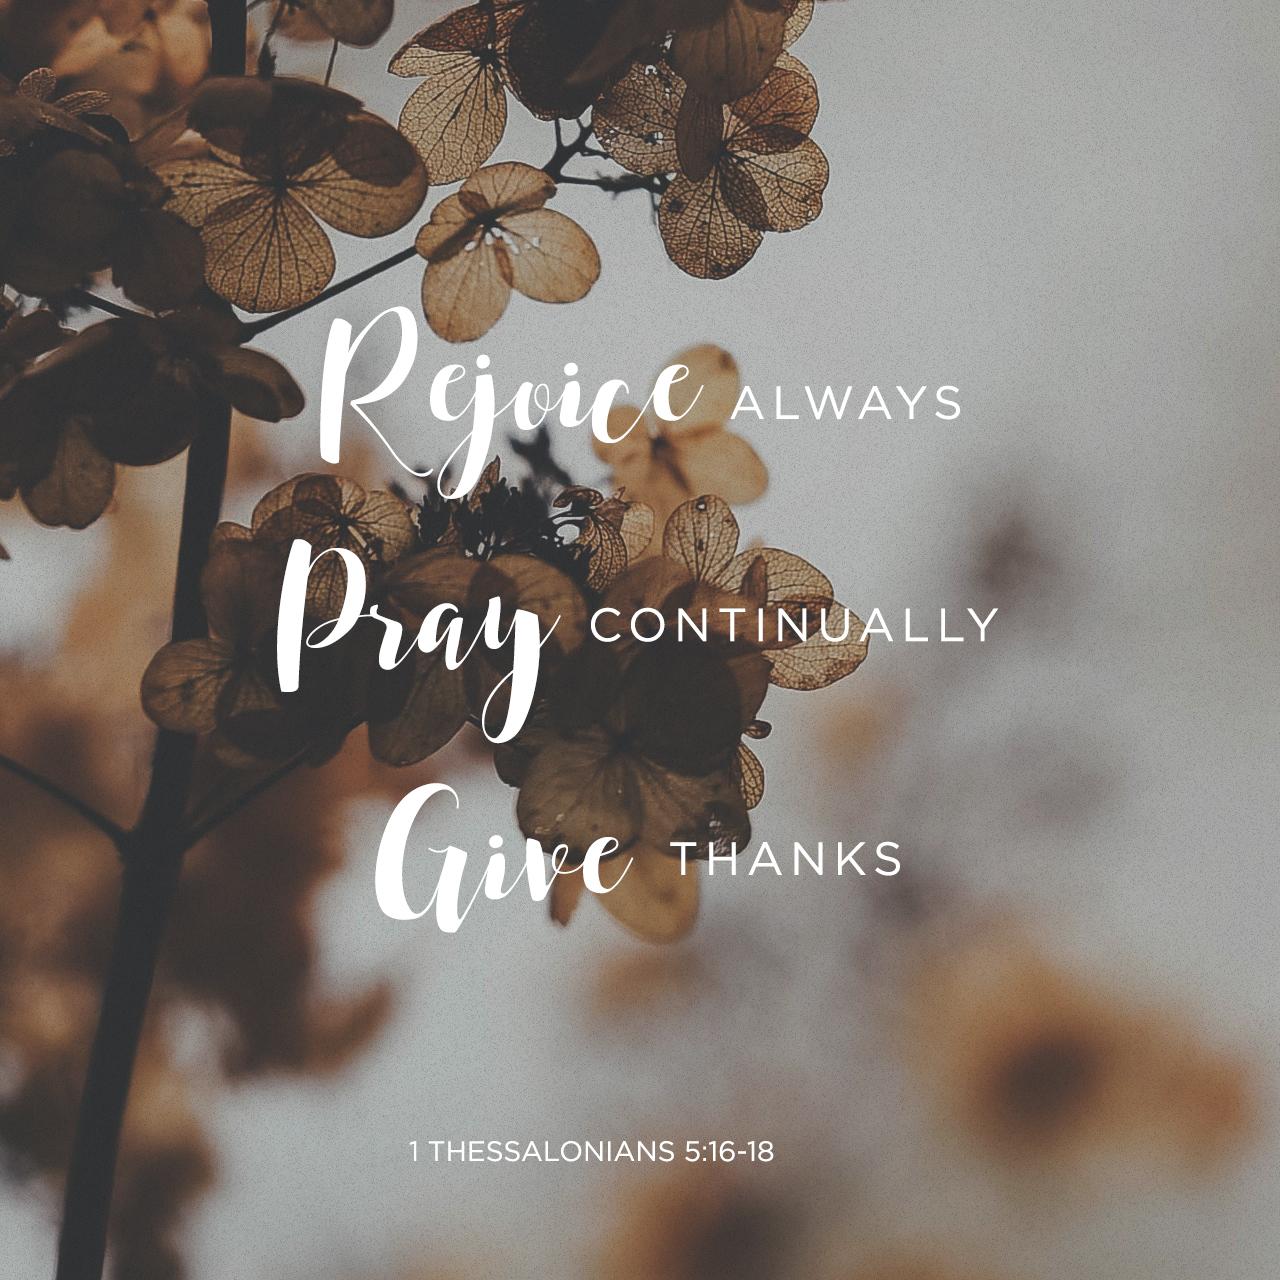 1 Thessalonians 5:16 (JPG)